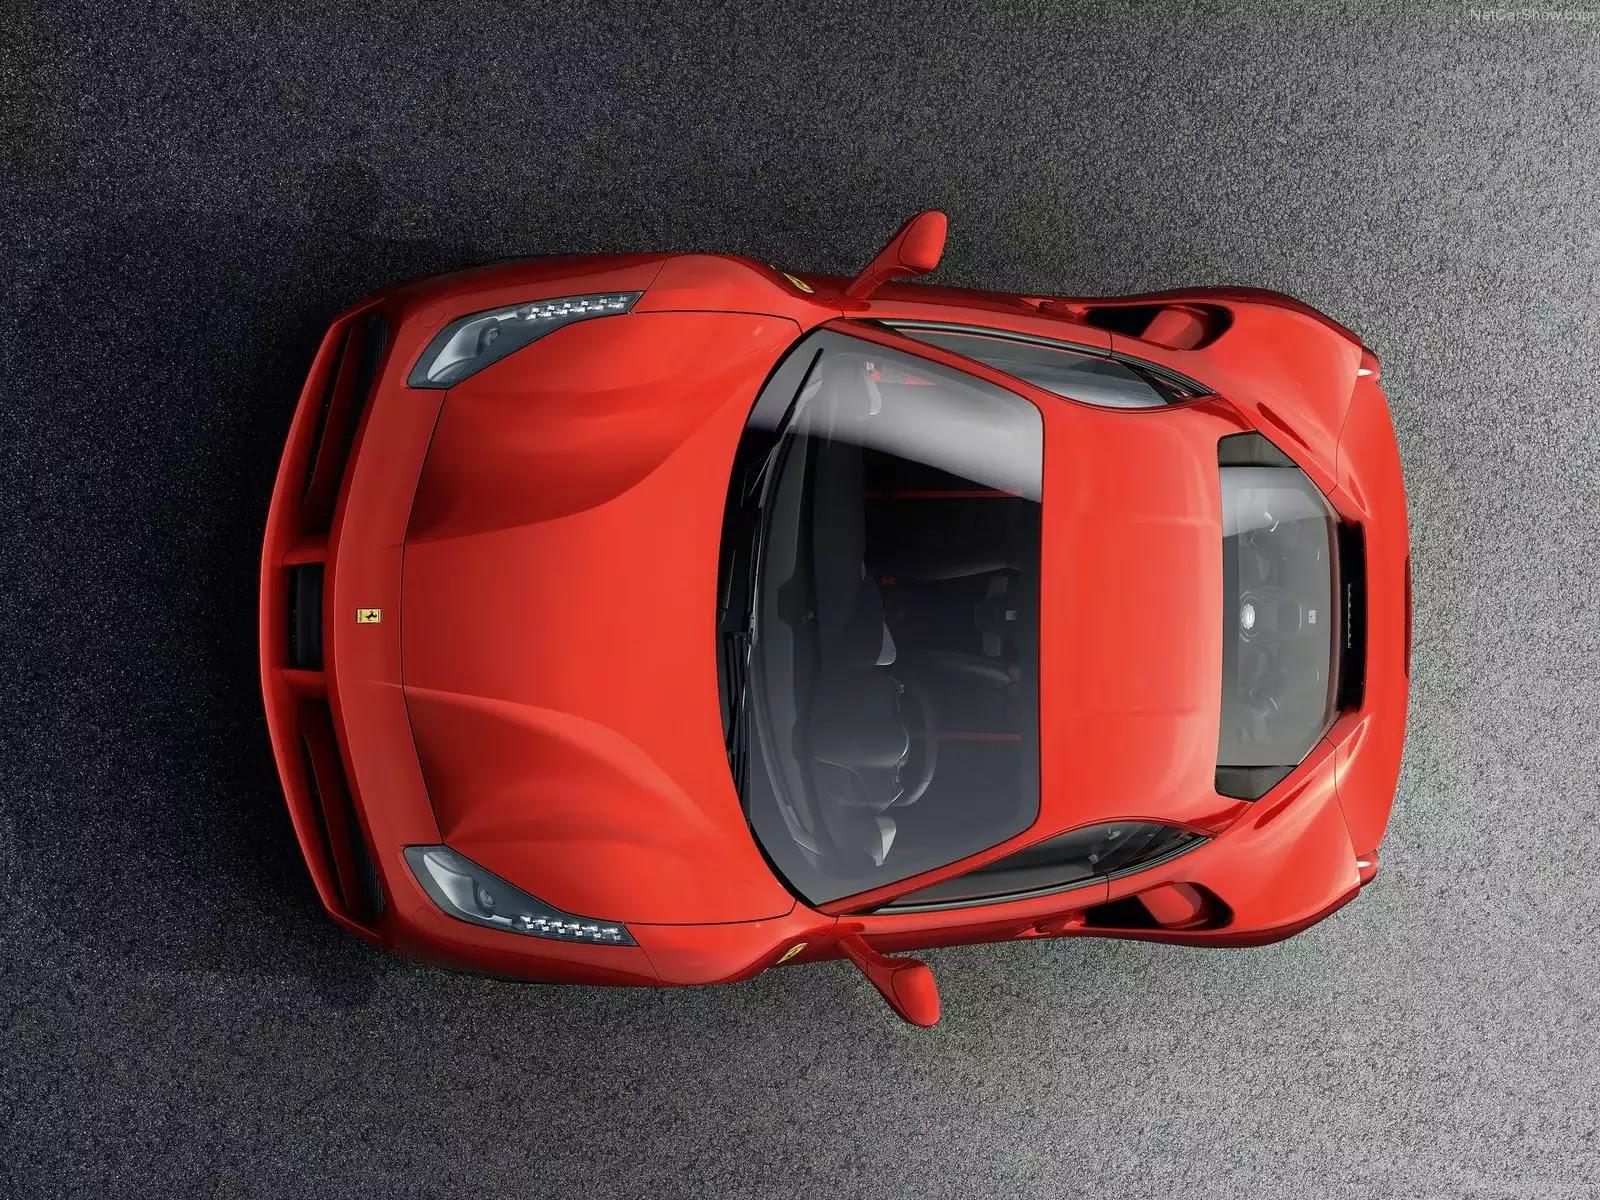 Hình ảnh siêu xe Ferrari 488 GTB 2016 & nội ngoại thất